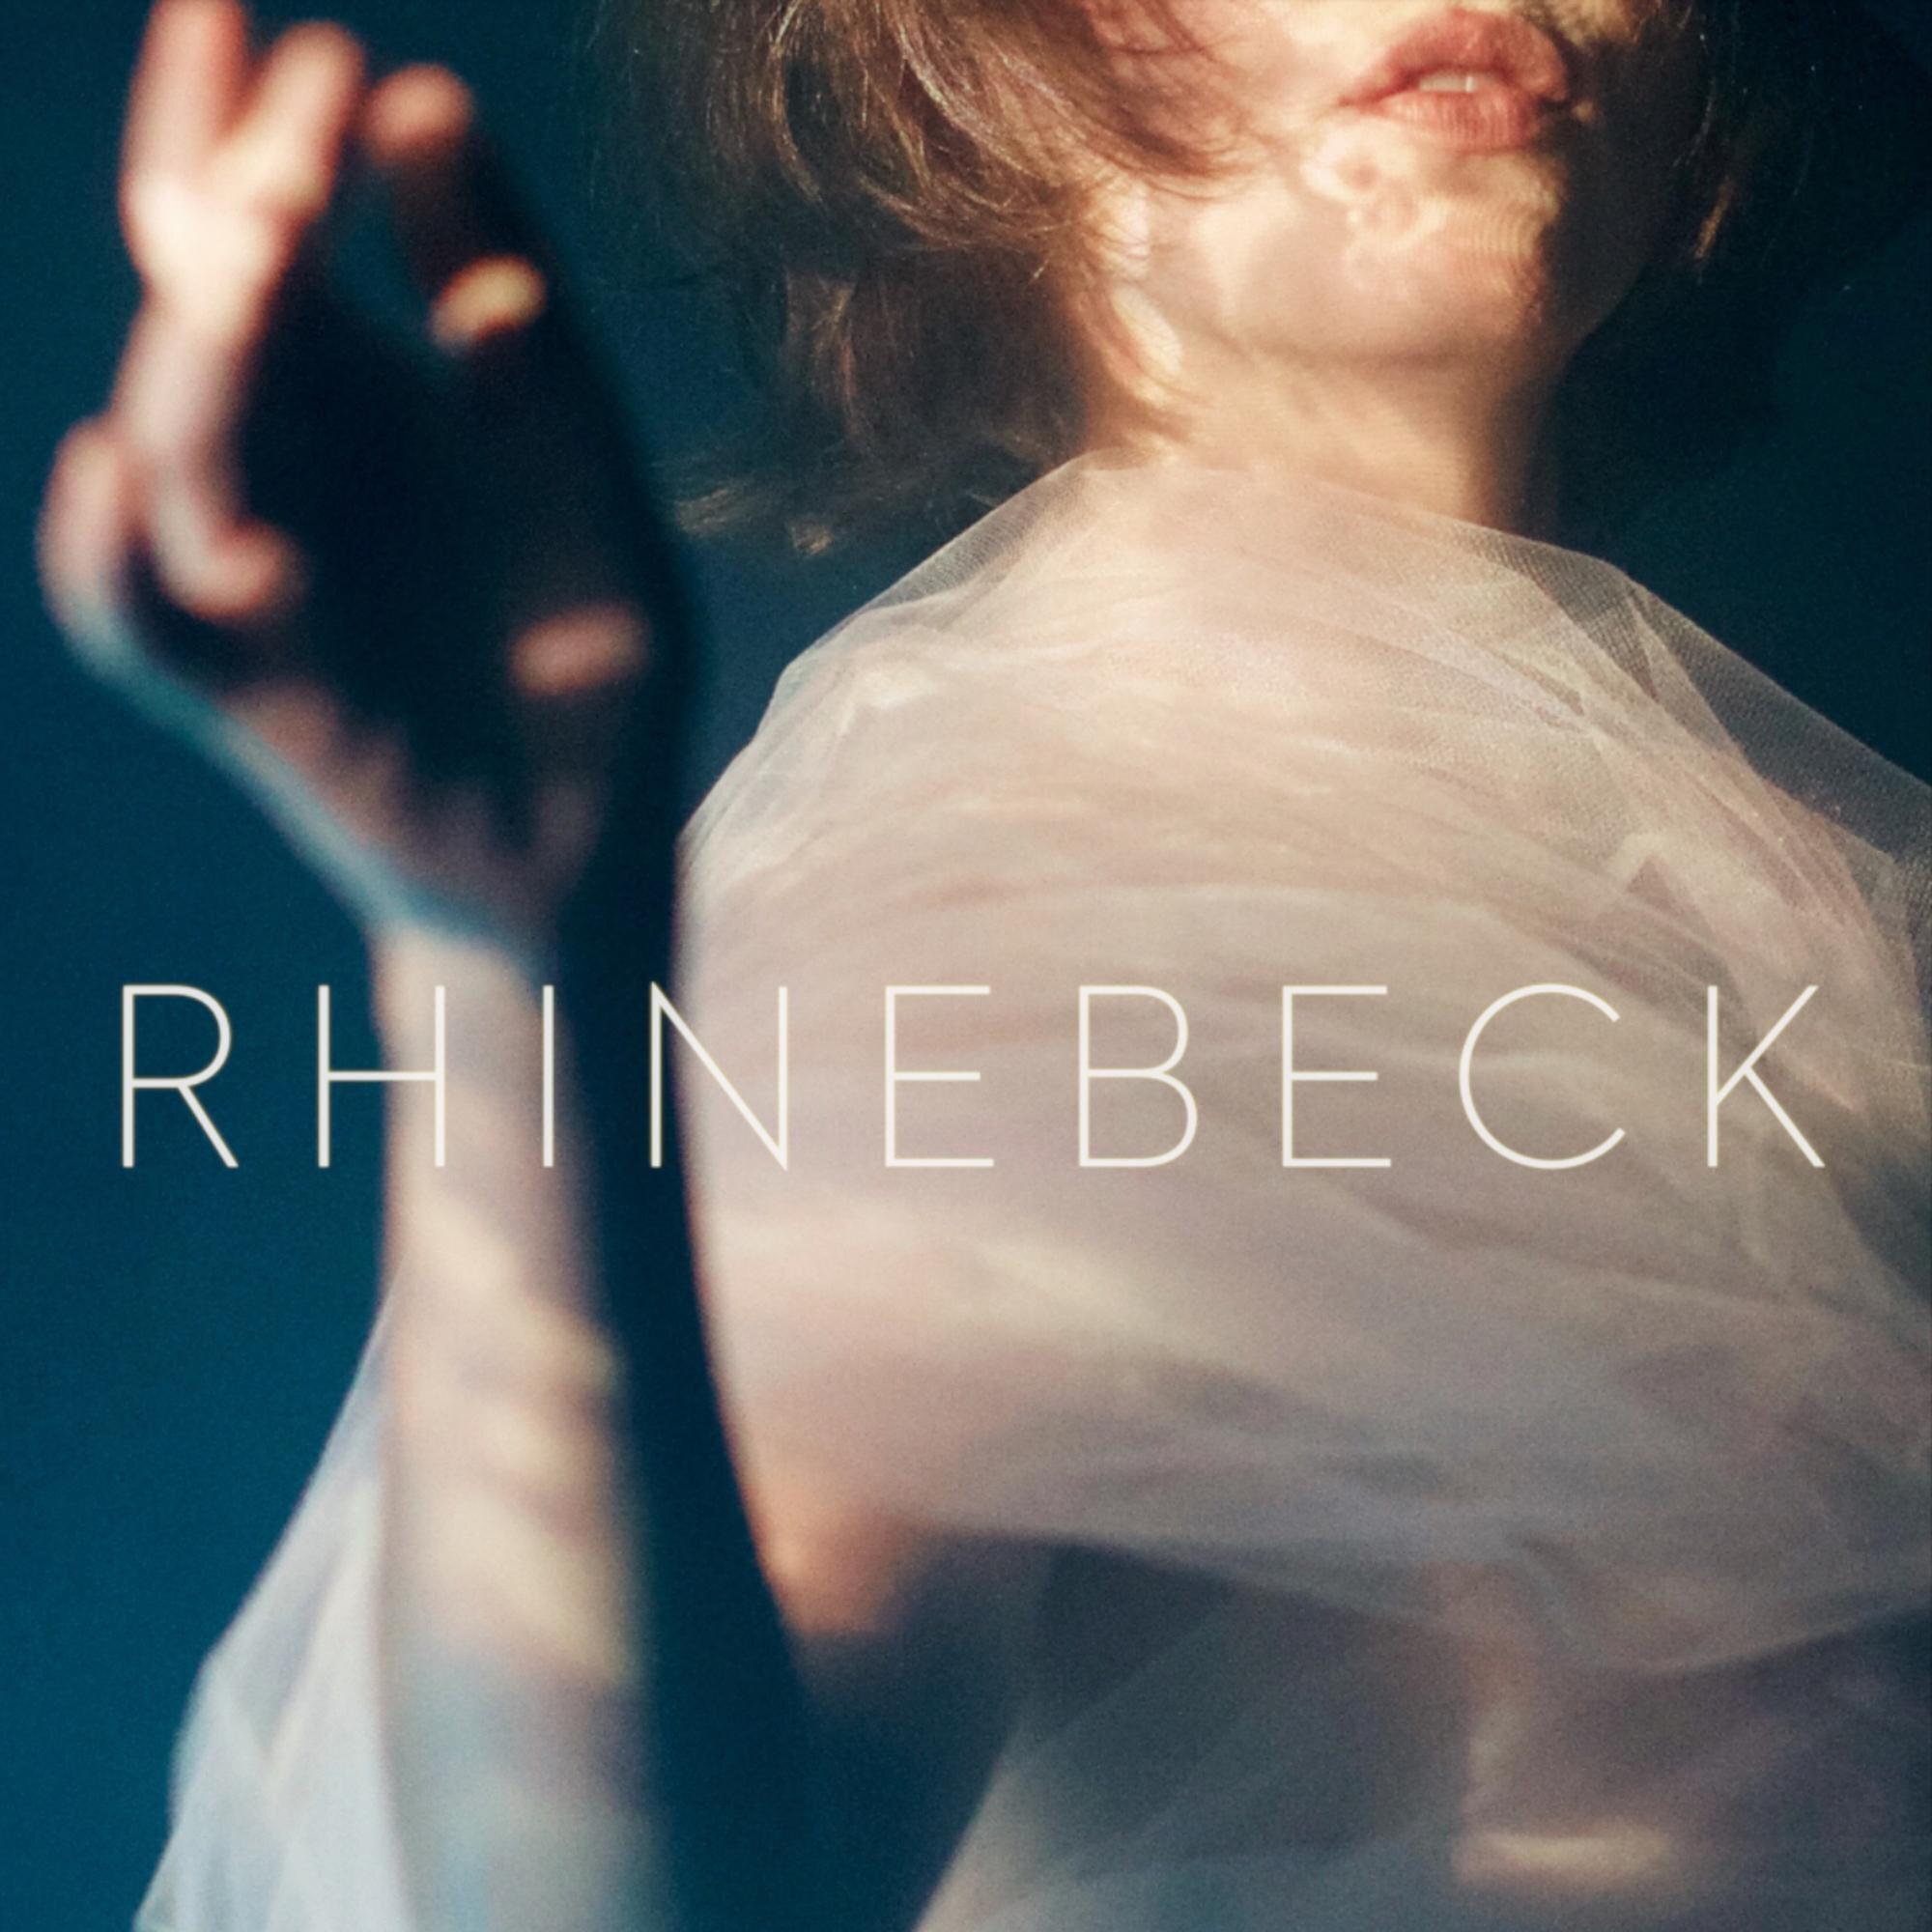 rhinebeck.jpg